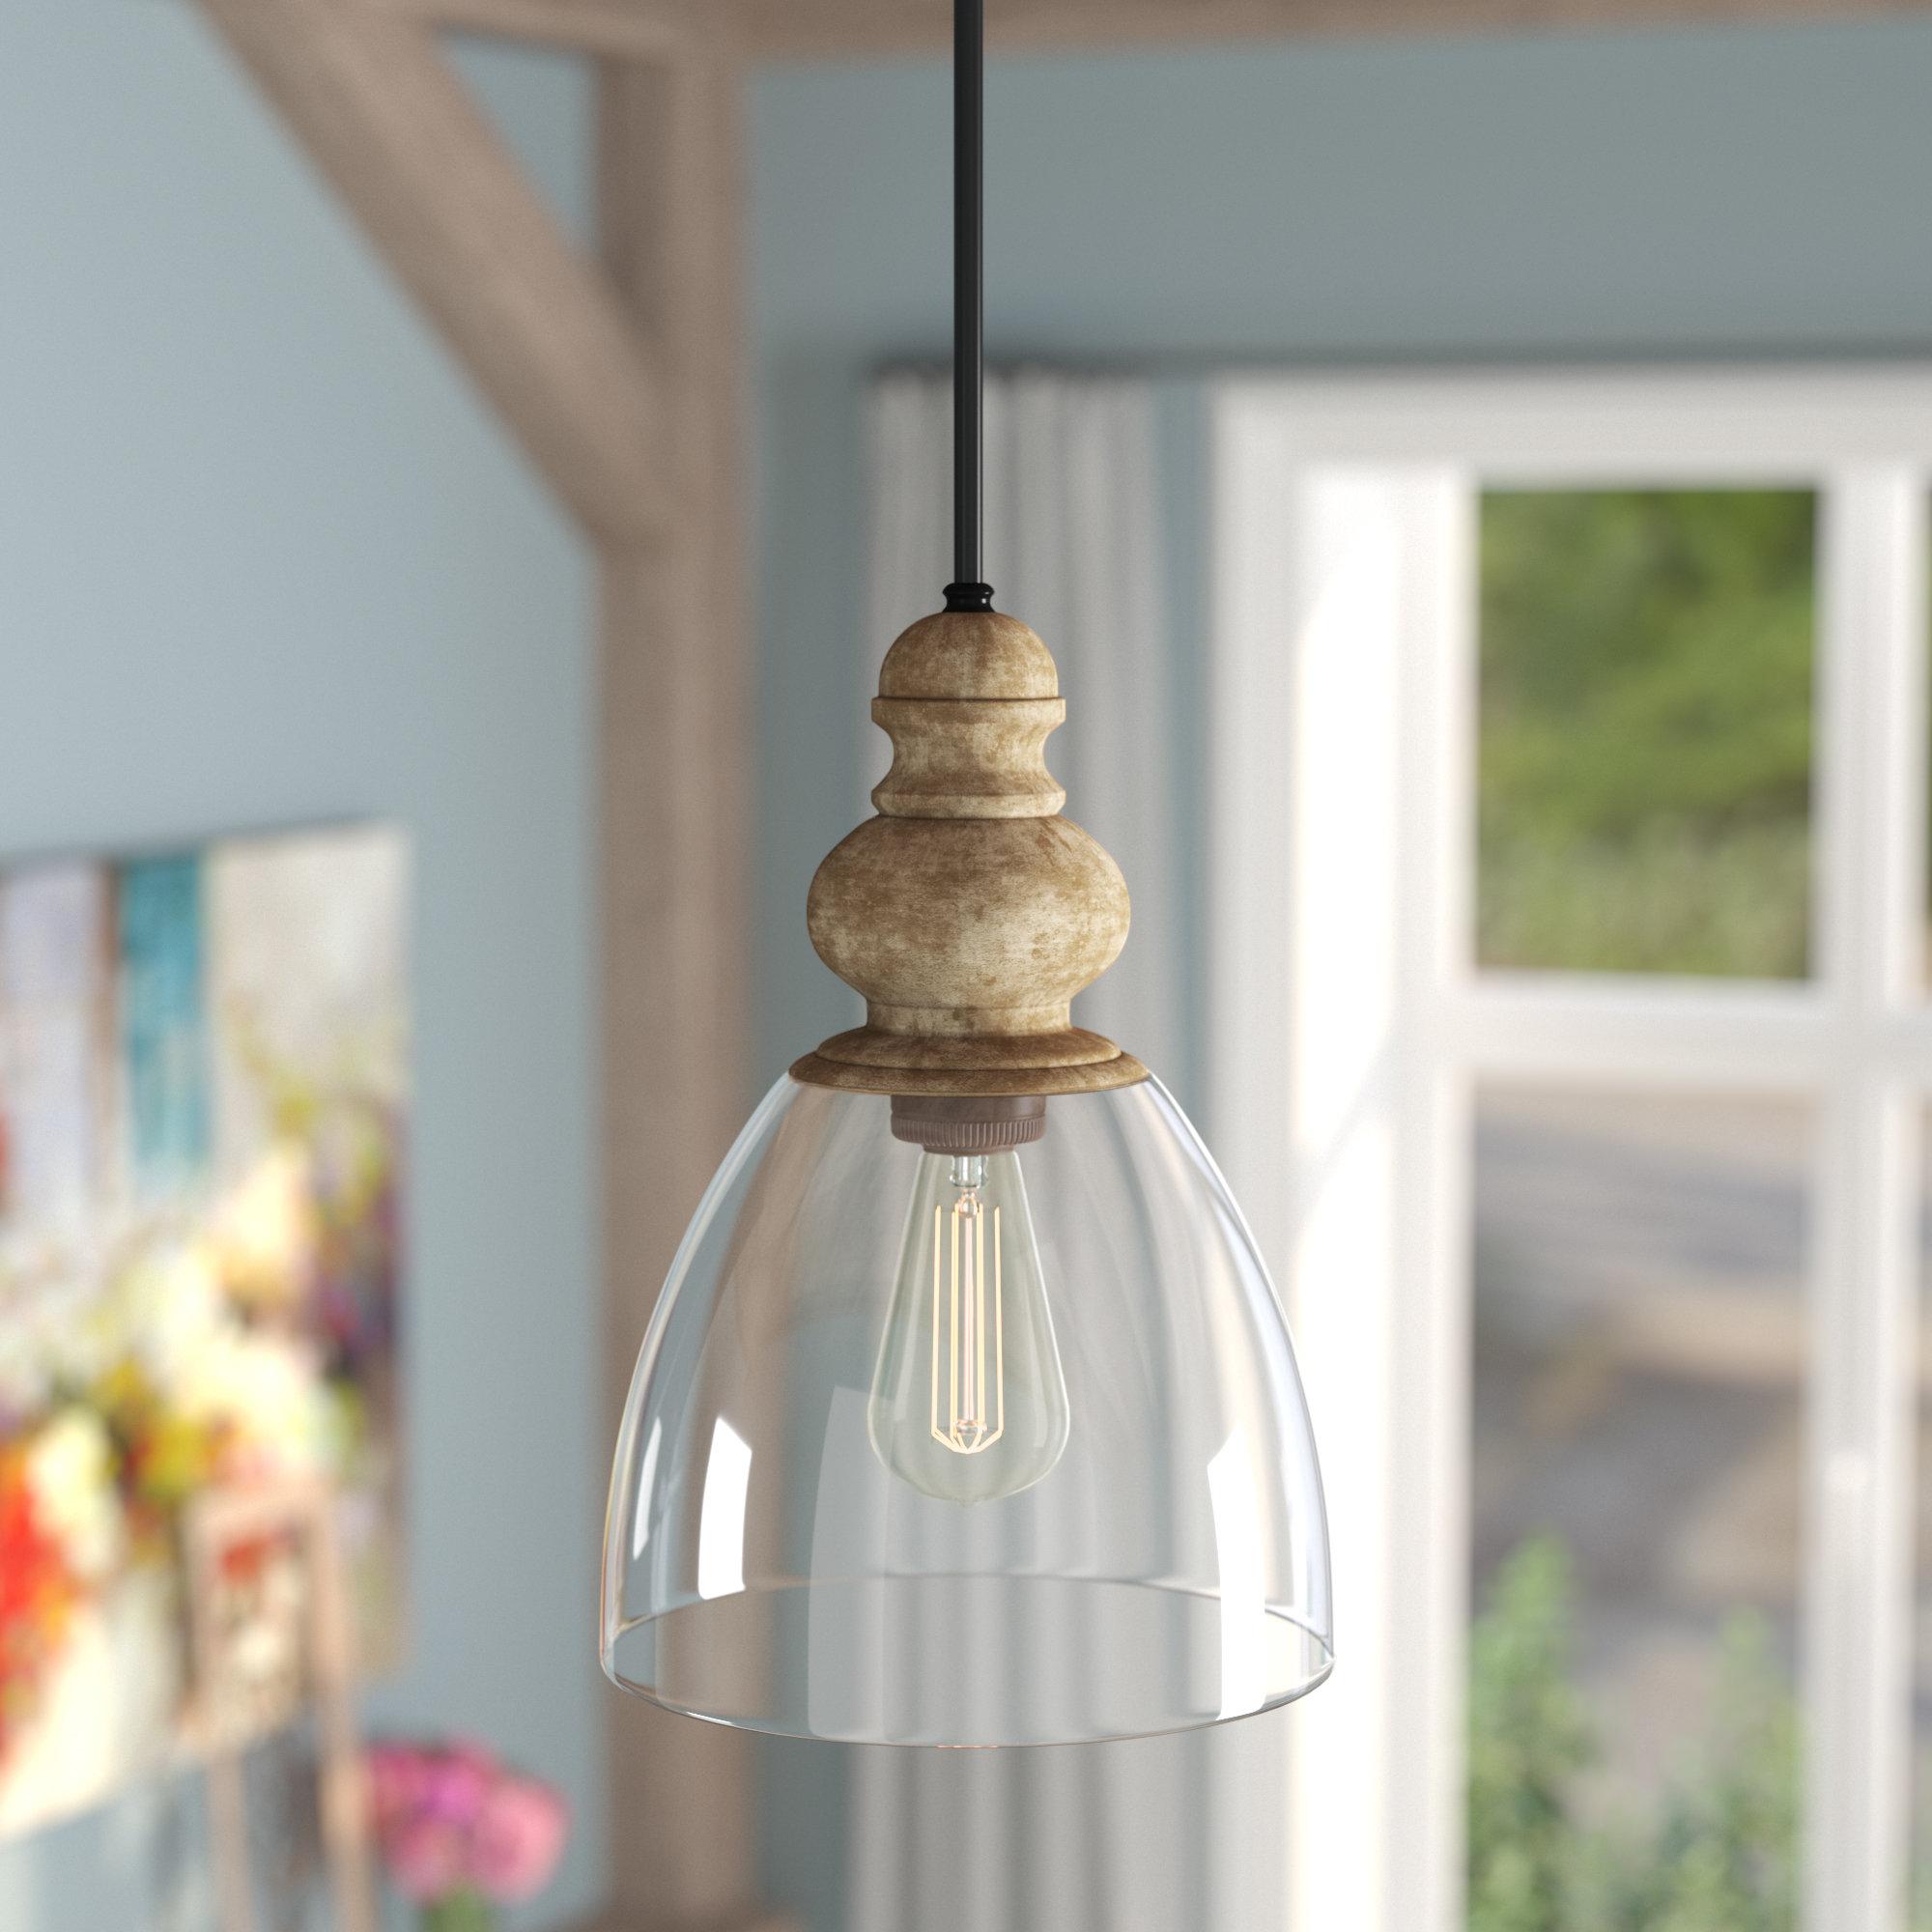 2019 Bundaberg 1-Light Single Bell Pendants inside Laurel Foundry Modern Farmhouse Lemelle 1-Light Single Bell